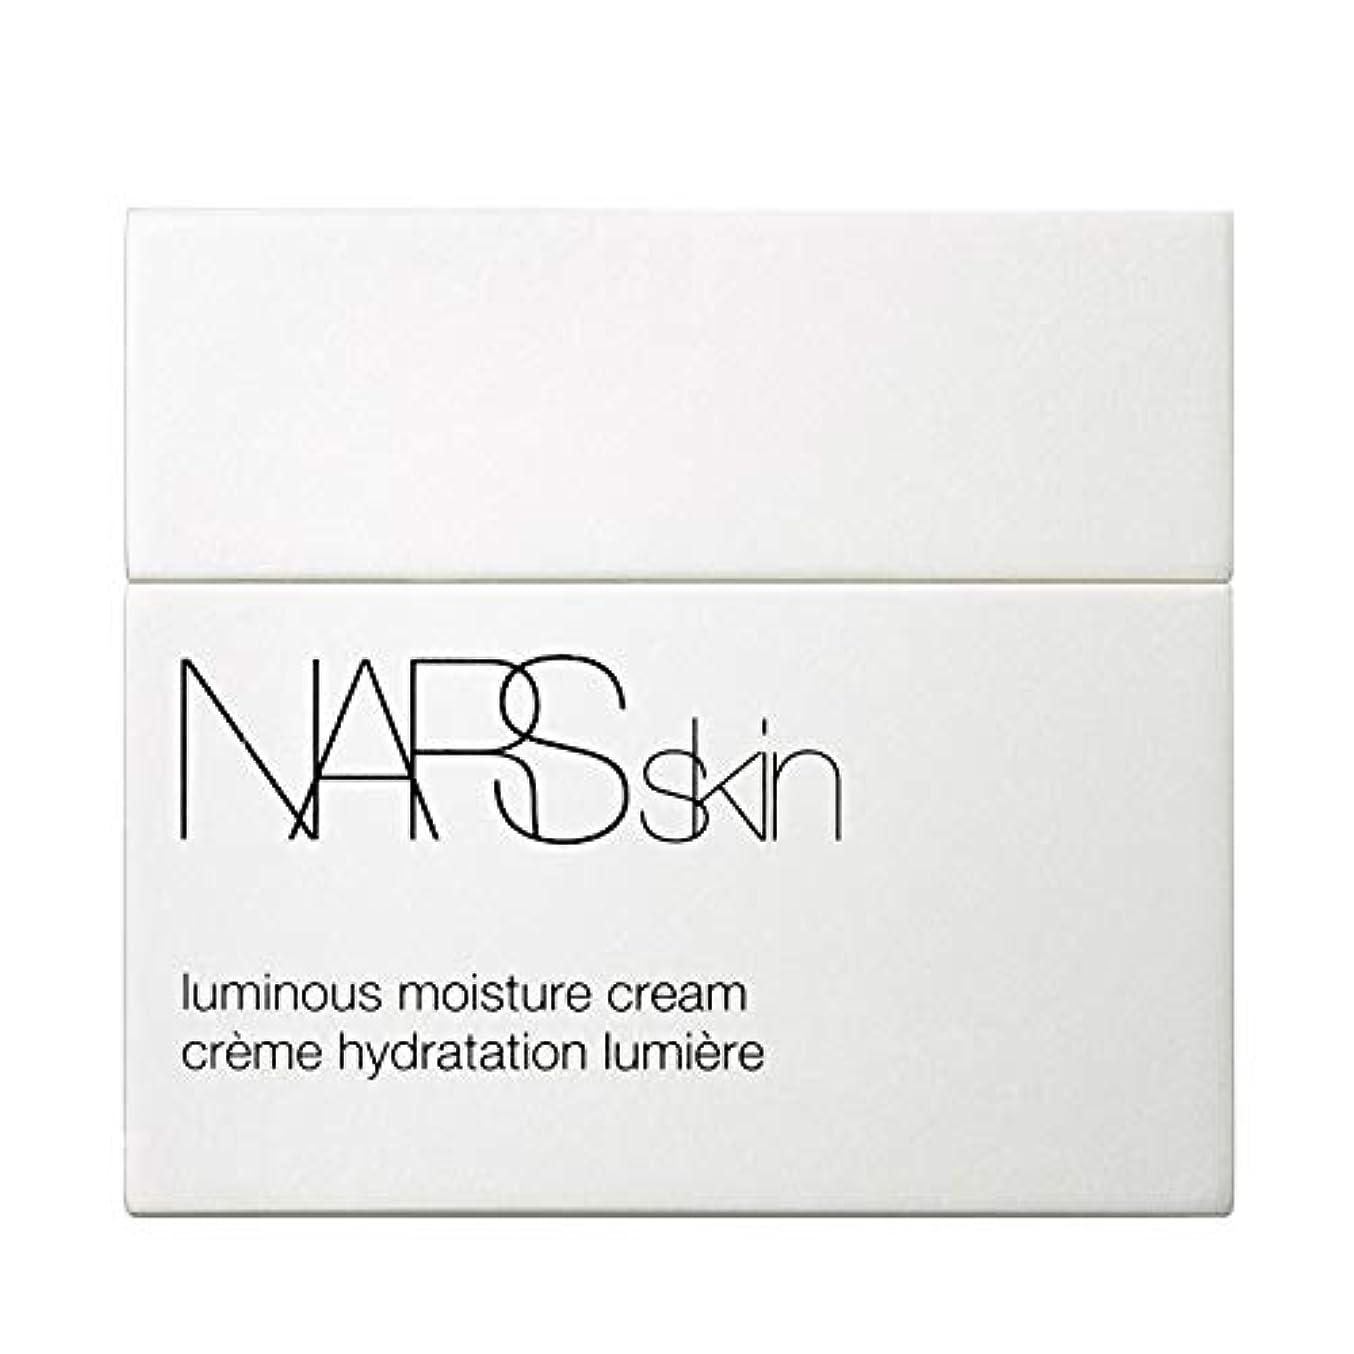 見落とすファイバ休暇[NARS] Narは発光水分クリーム - Nars Luminous Moisture Cream [並行輸入品]